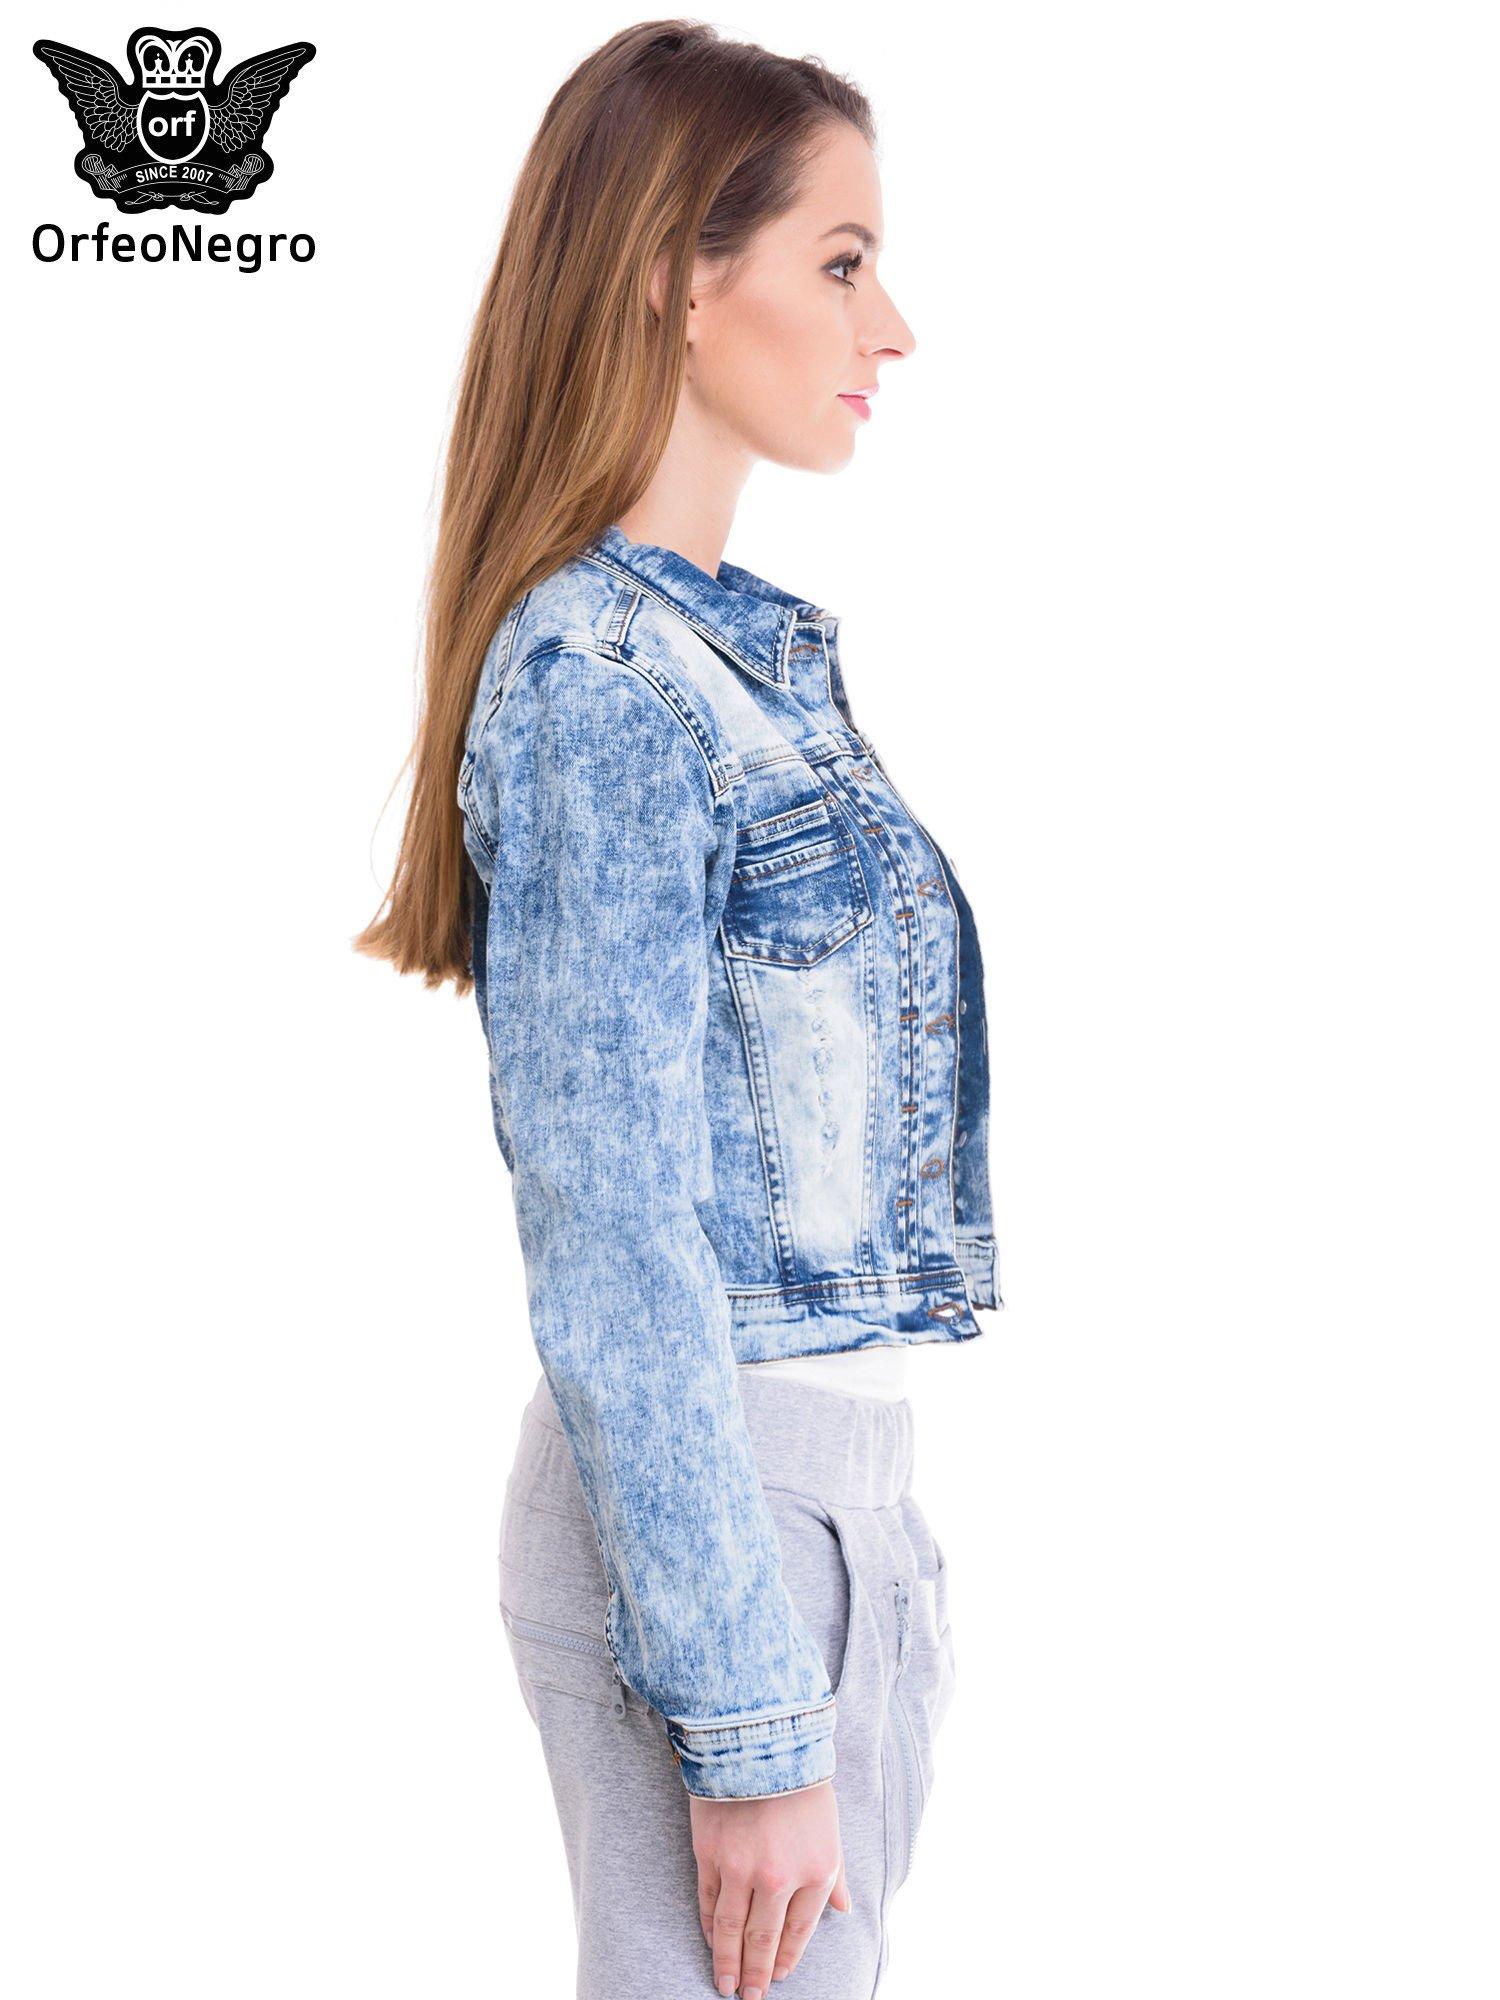 Niebieska kurtka jeansowa damska z marmurkowego denimu                                  zdj.                                  3